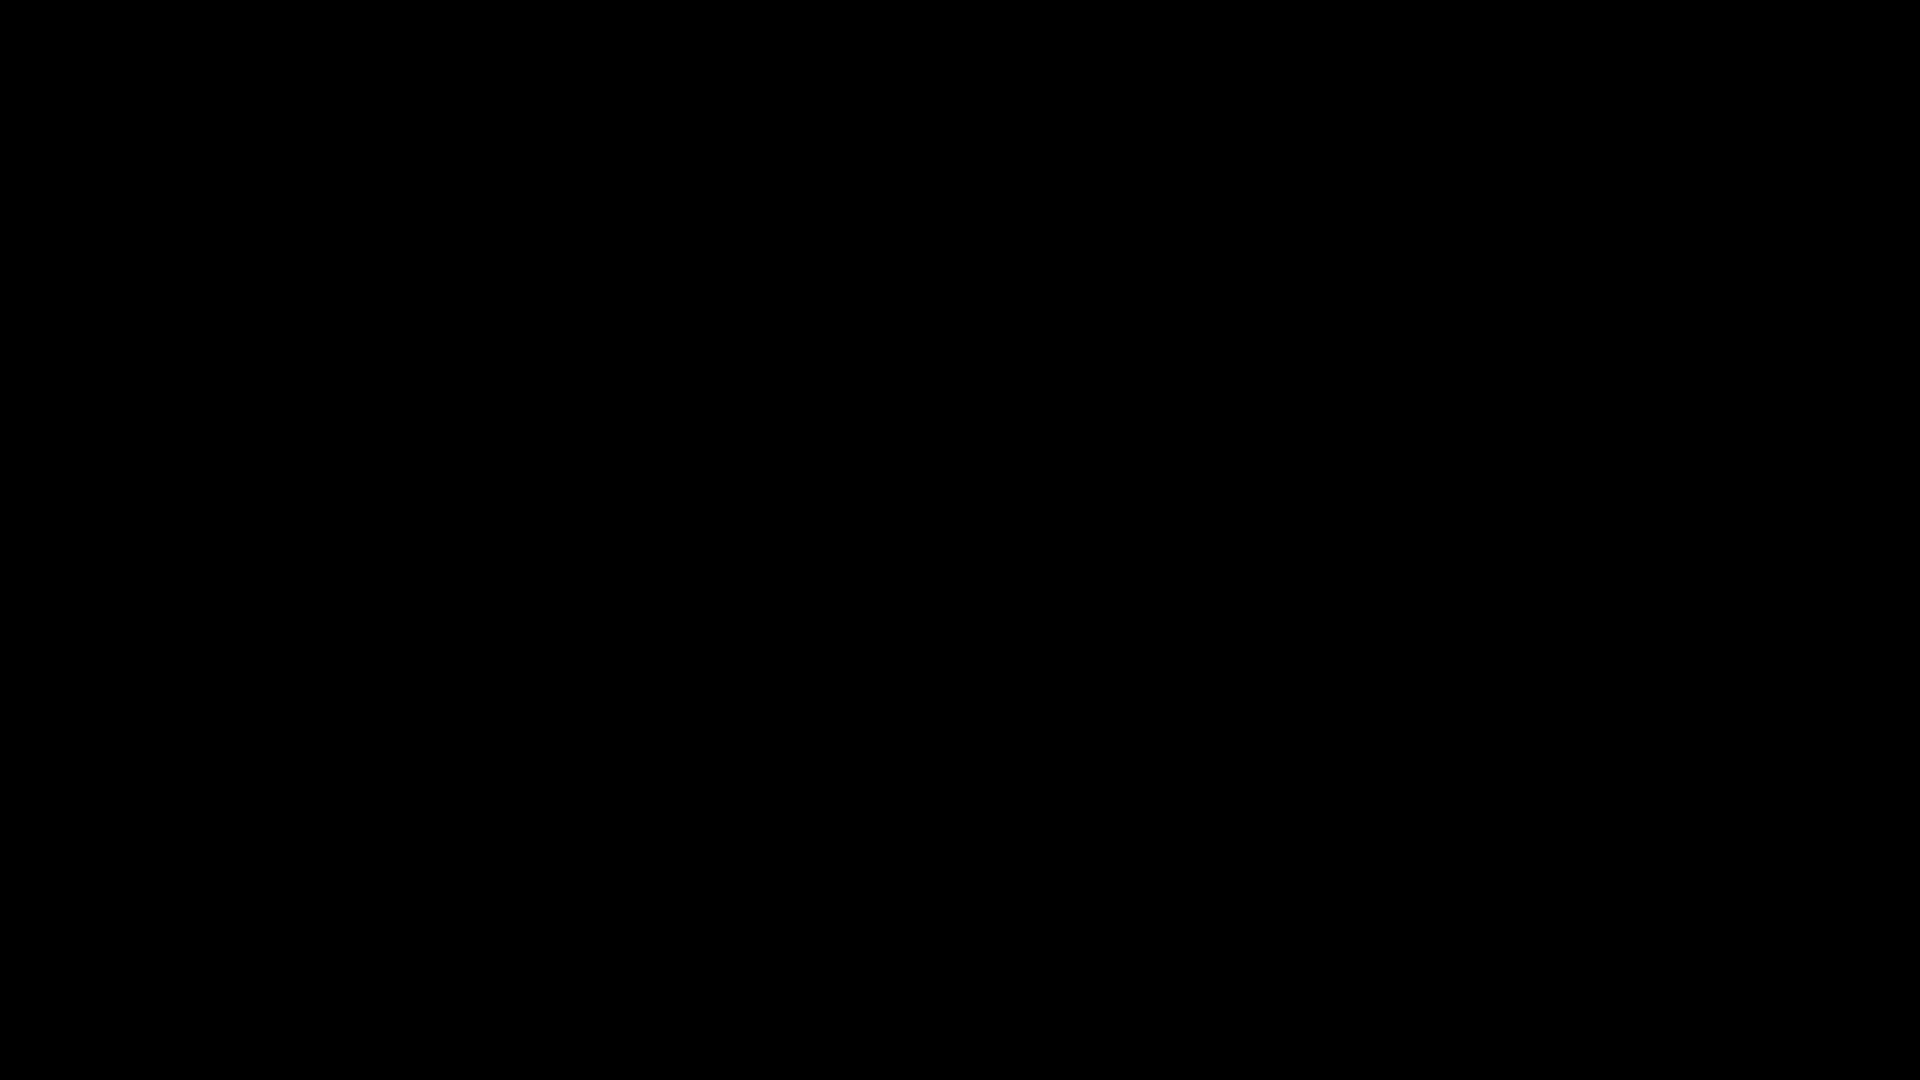 BKT, Baran Kadir Tekin, Egg Wars, Games Time BKT, Minecraft, Oyunları, adana youtuber, baran kadir, buğra kazancı, counter strike, doğan şahin, en genç youtuber, komedi, minecraft evi, minecraft izle, minecraft server, minecraft yumurta savaşları, starBRO, türkçe, şahin tayfa, BugraaK Çok Fena Sinirlendirdim! GIFs